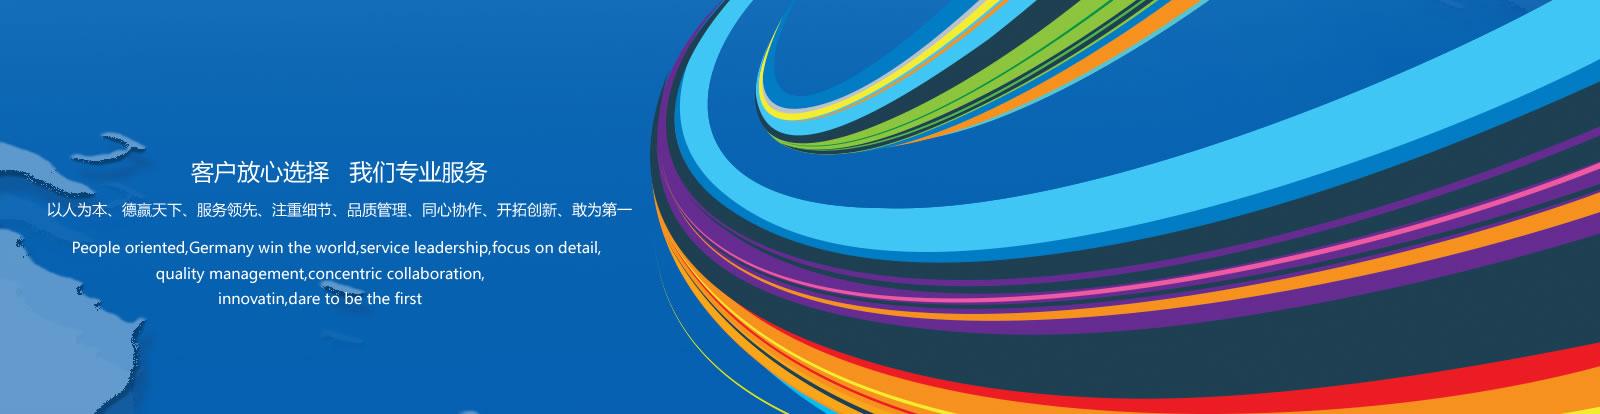 济南市ITSS与CMMI认证补贴政策